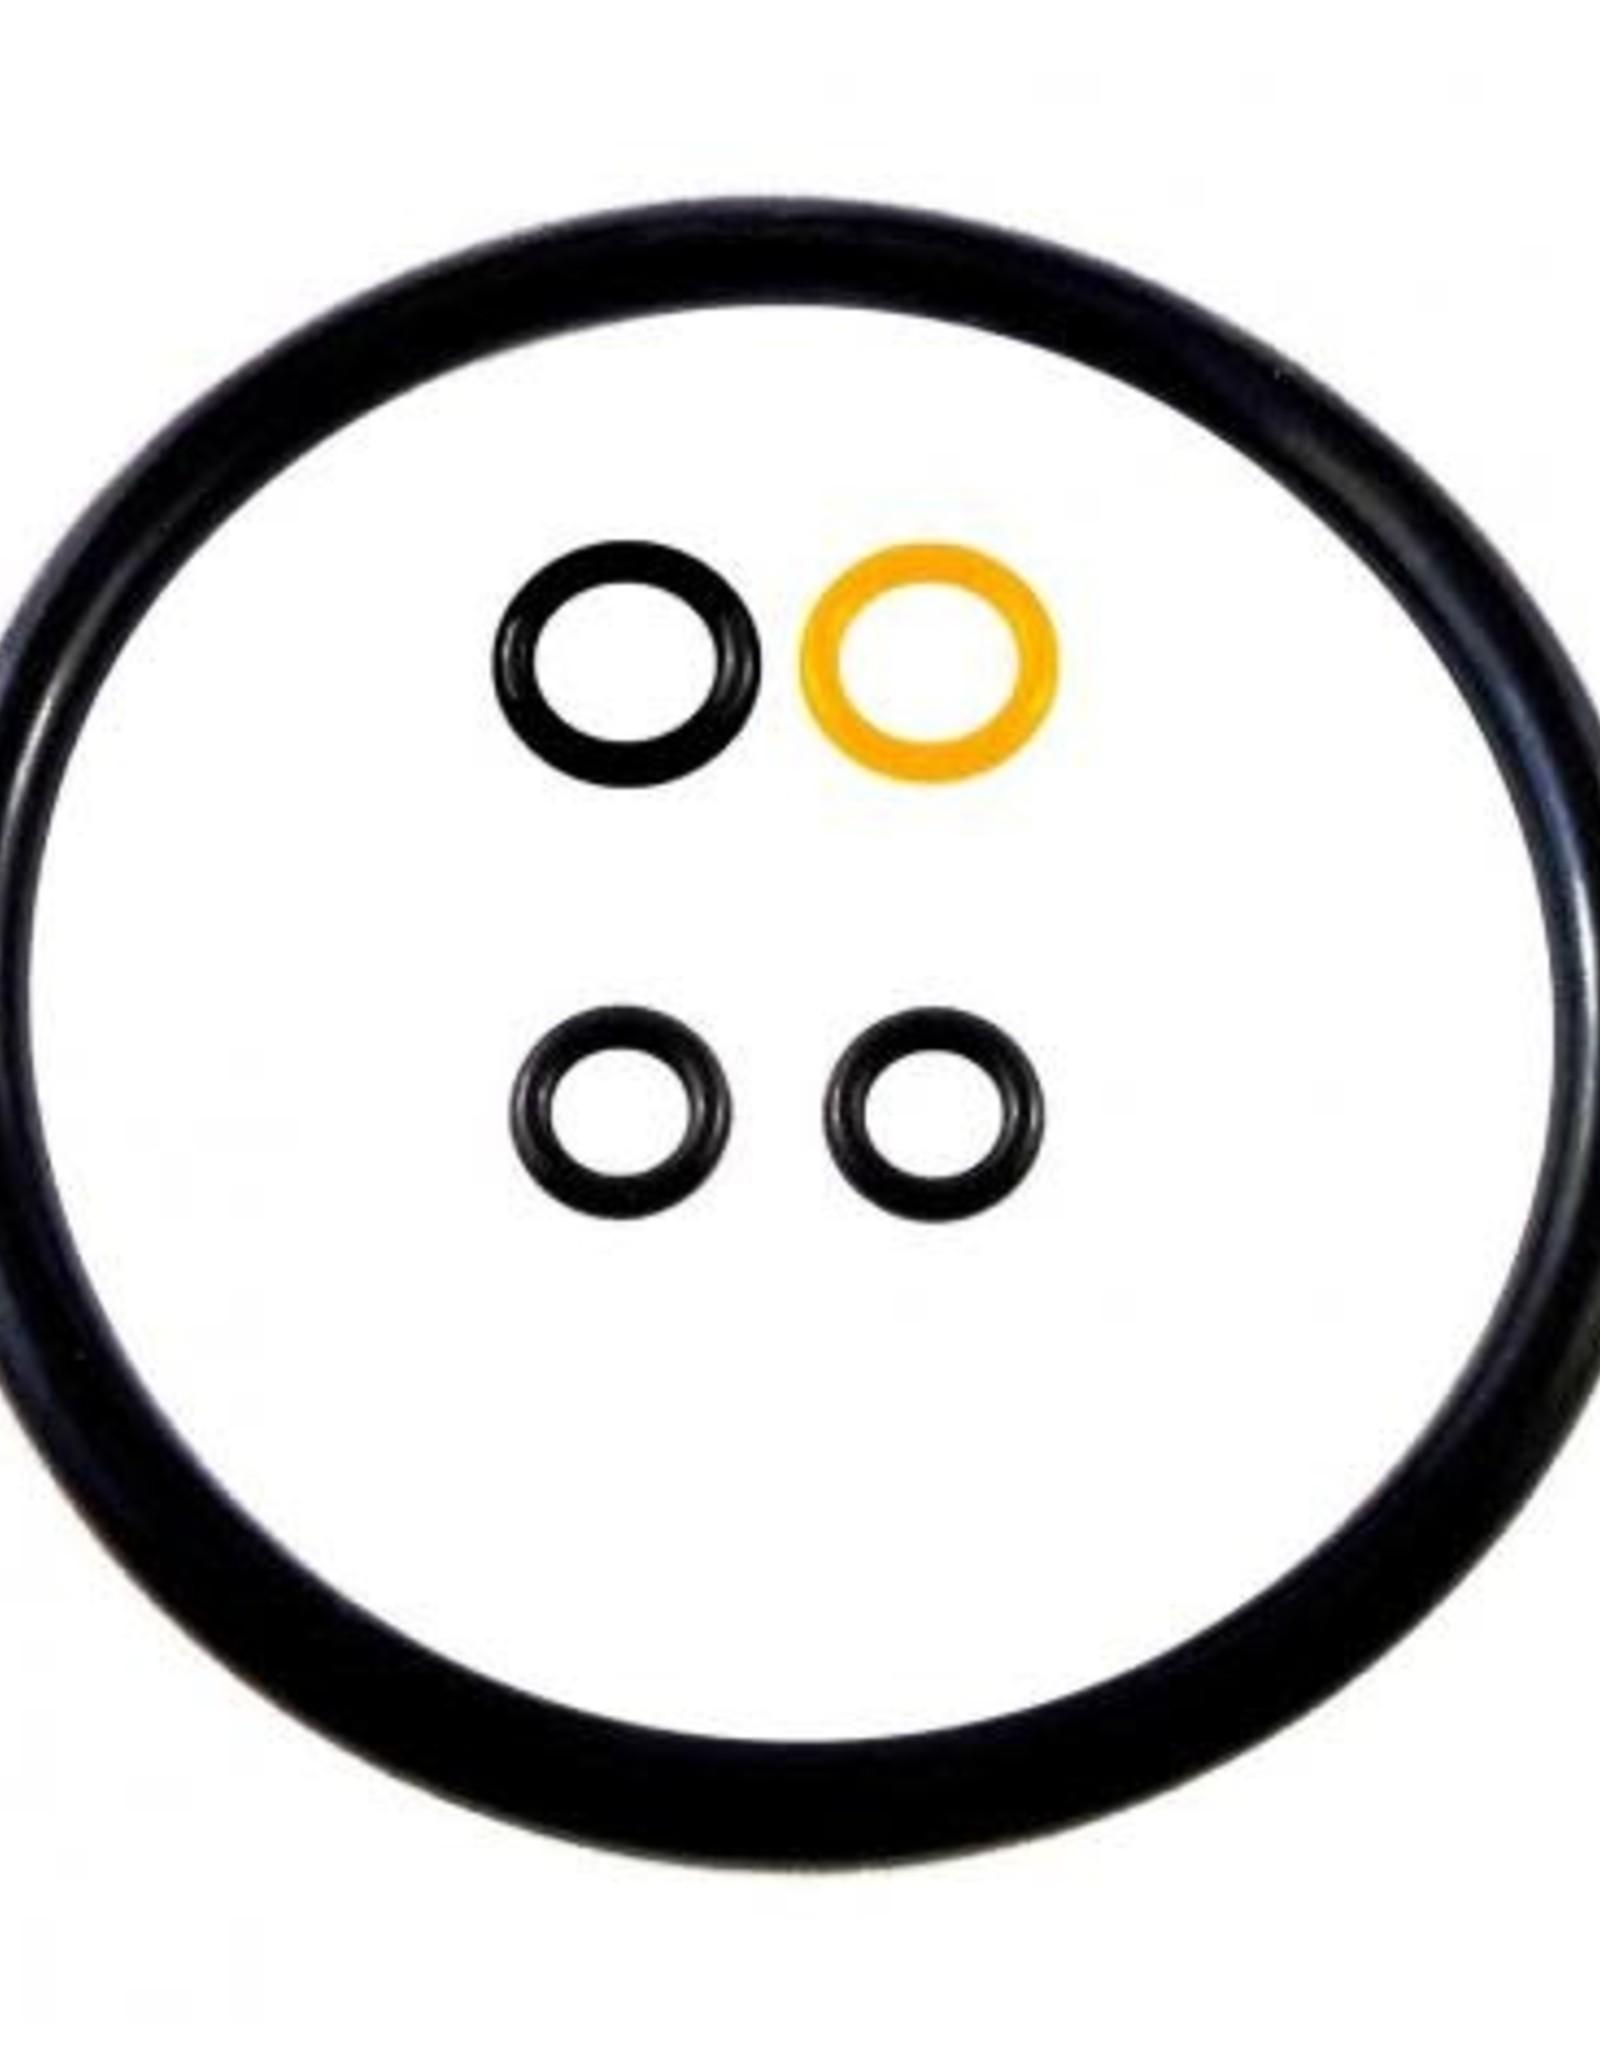 O-RING KIT FOR PINLOCK KEGS